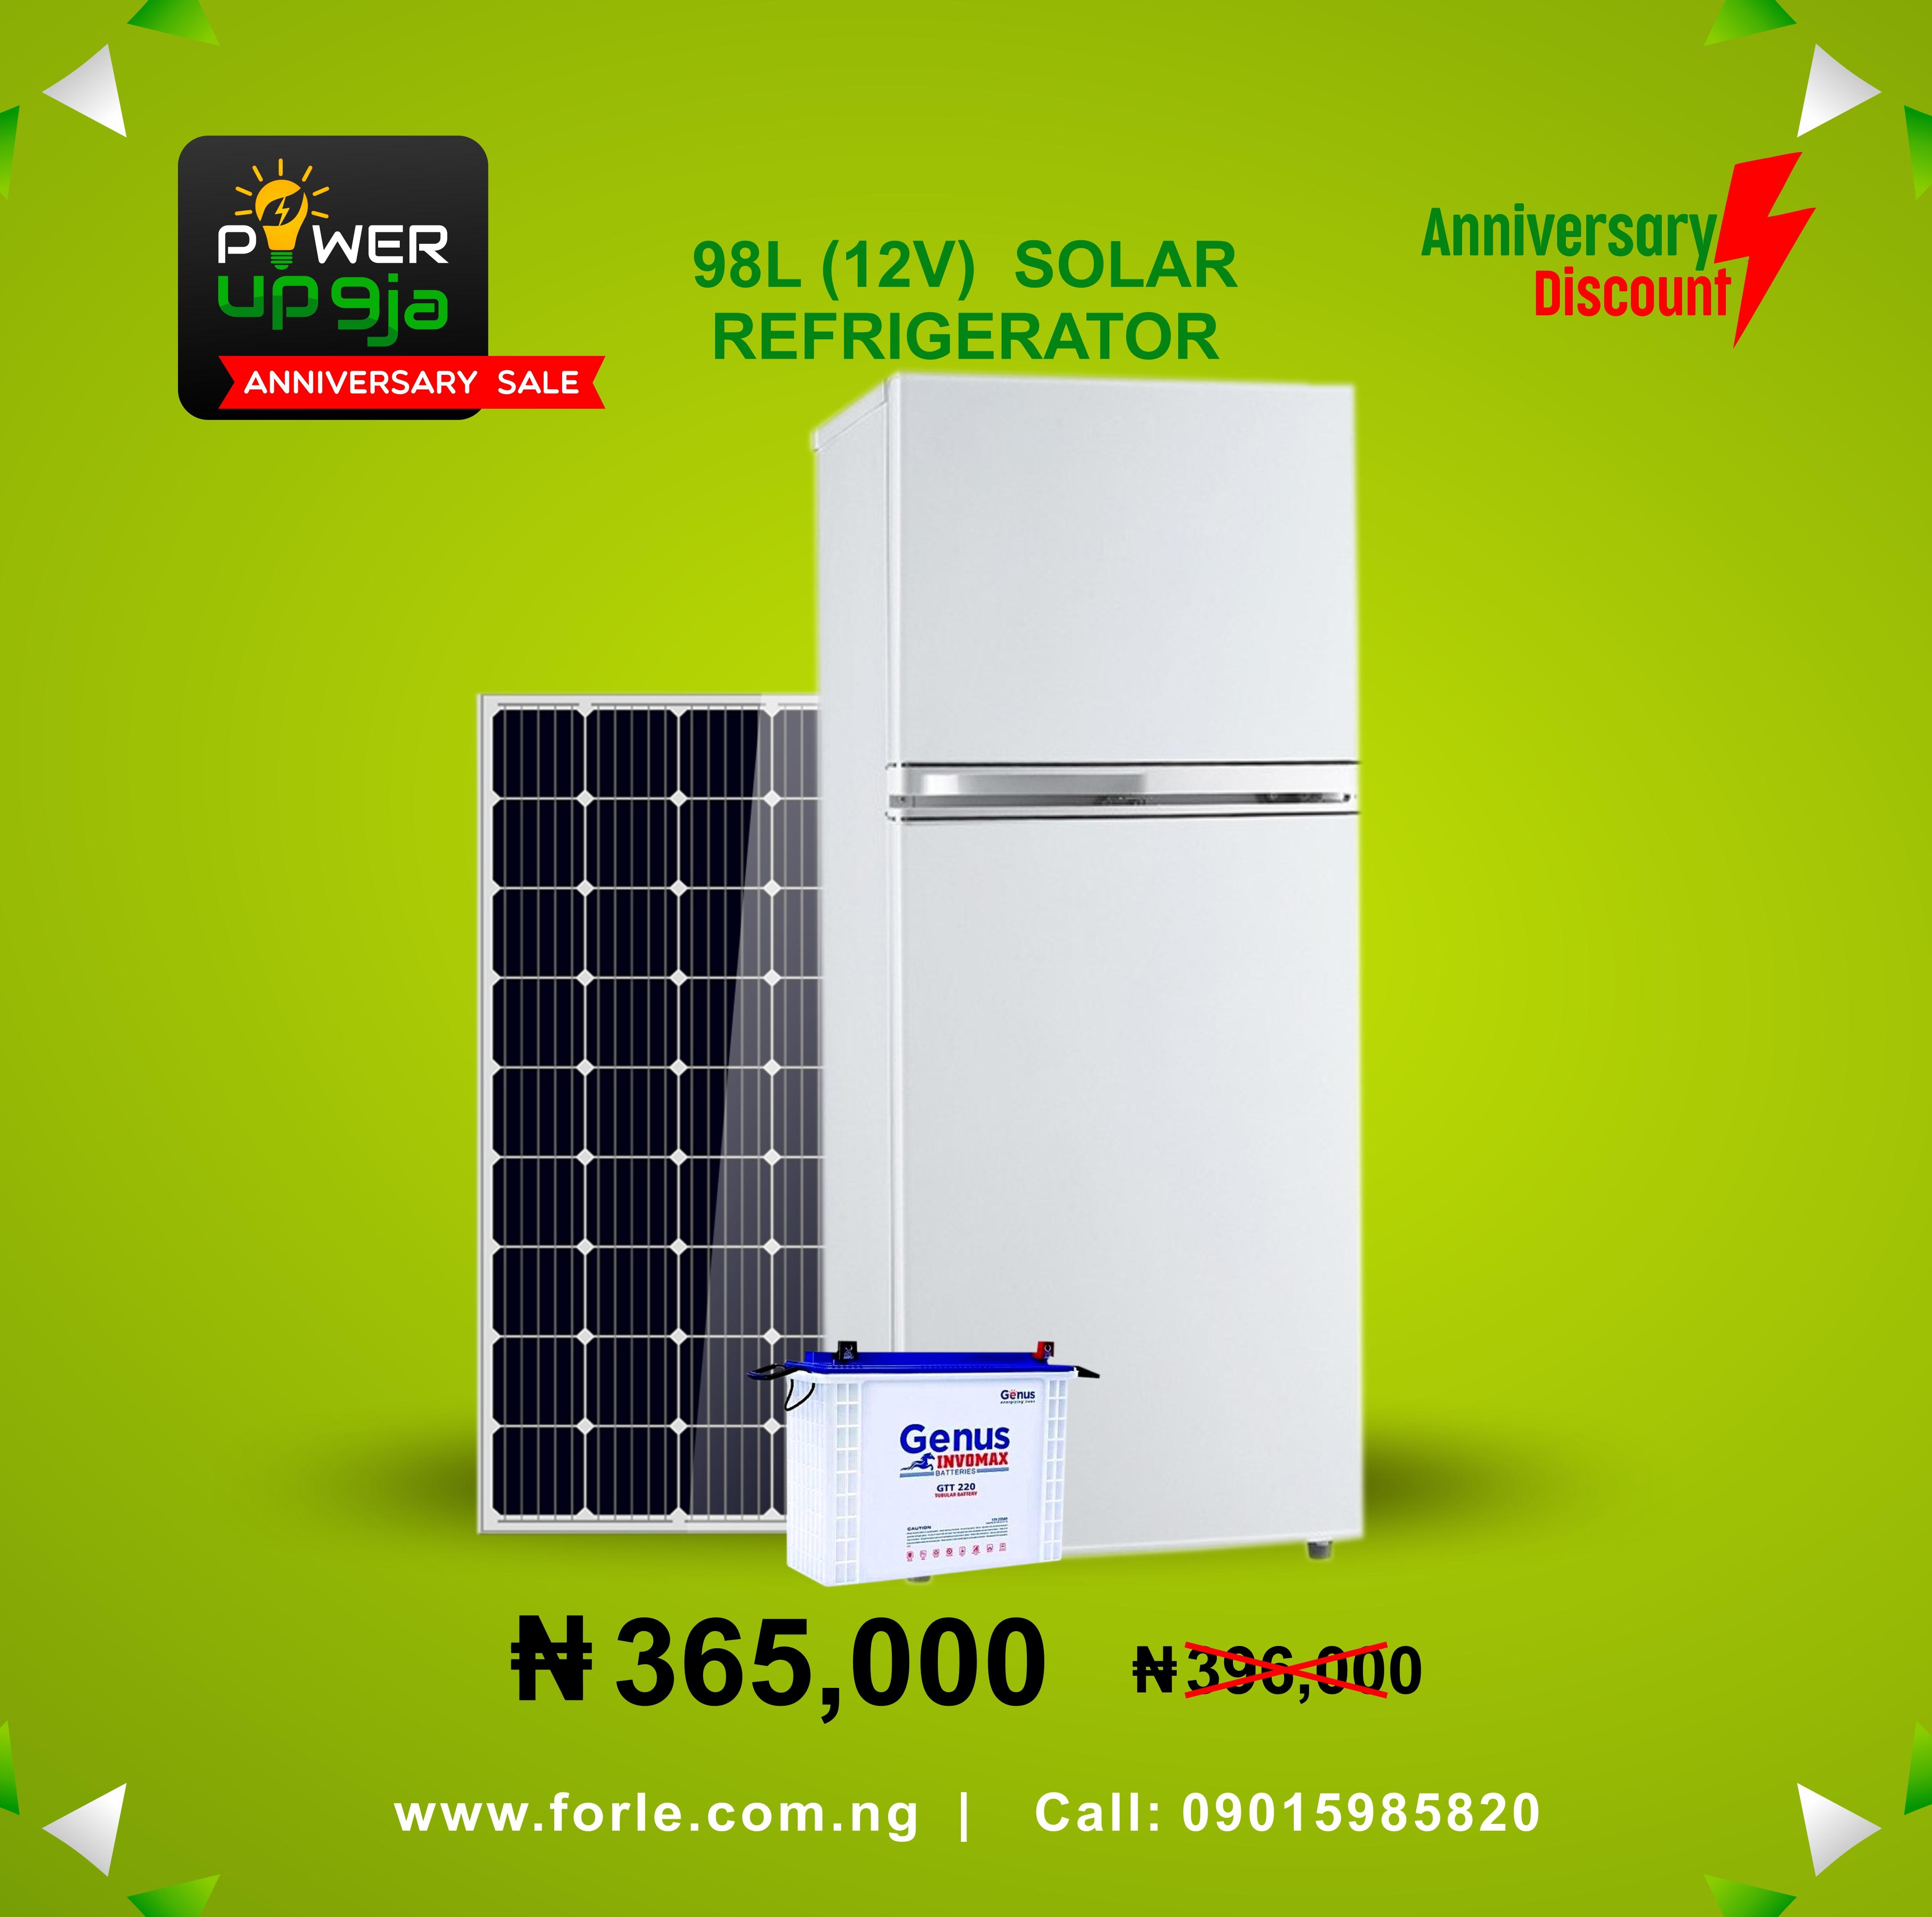 98L Solar Refrigerator (12V) + Panel & Batteries